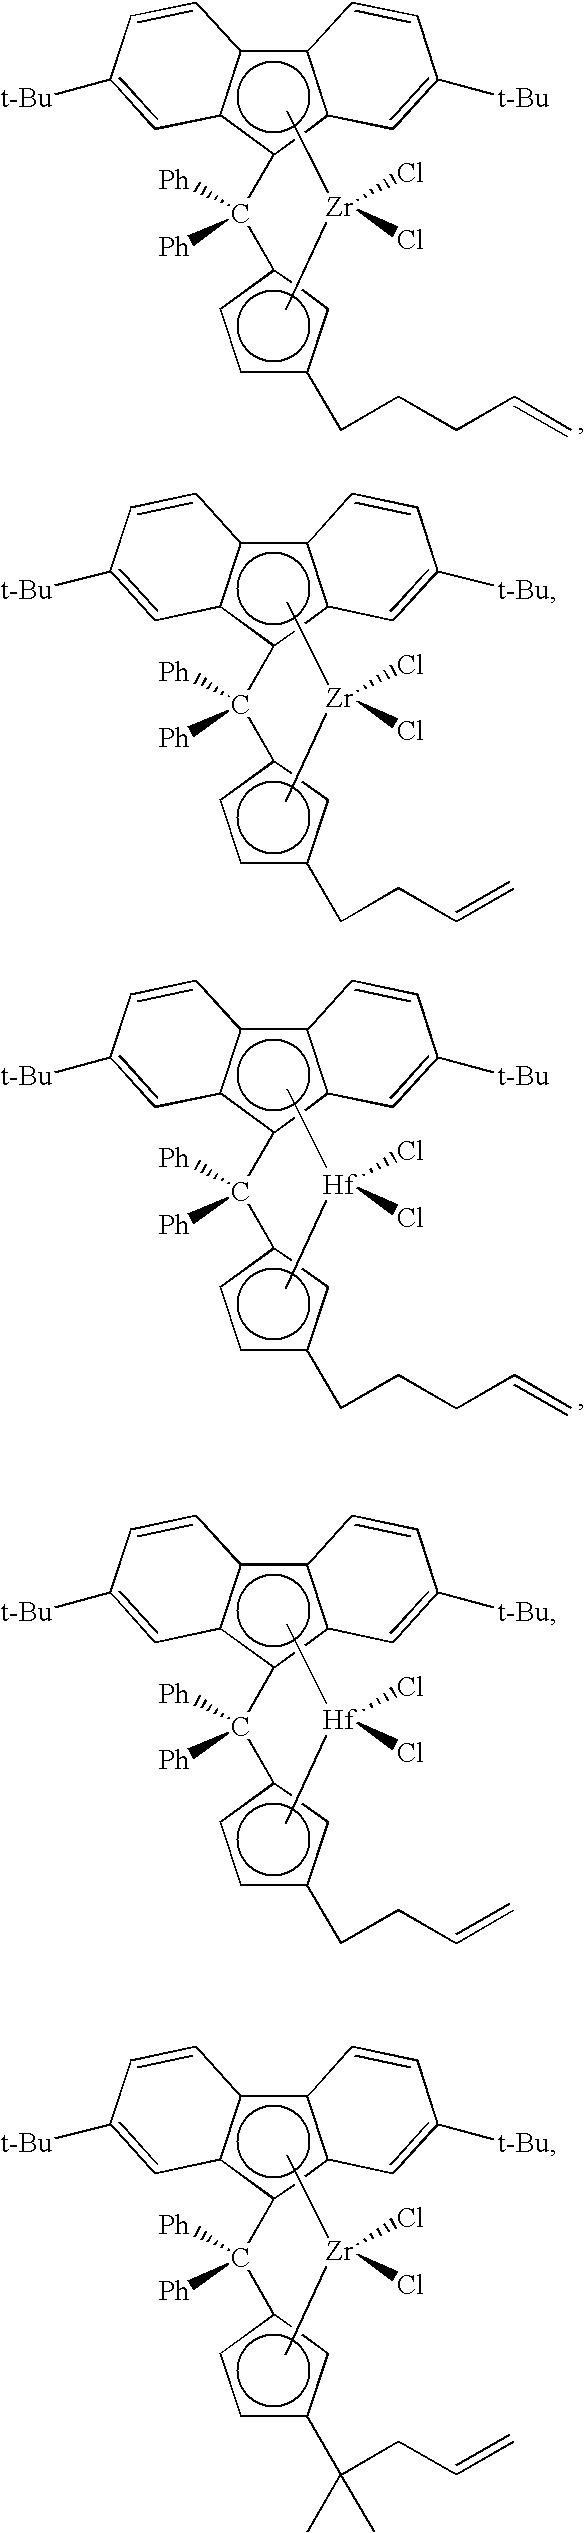 Figure US07619047-20091117-C00054